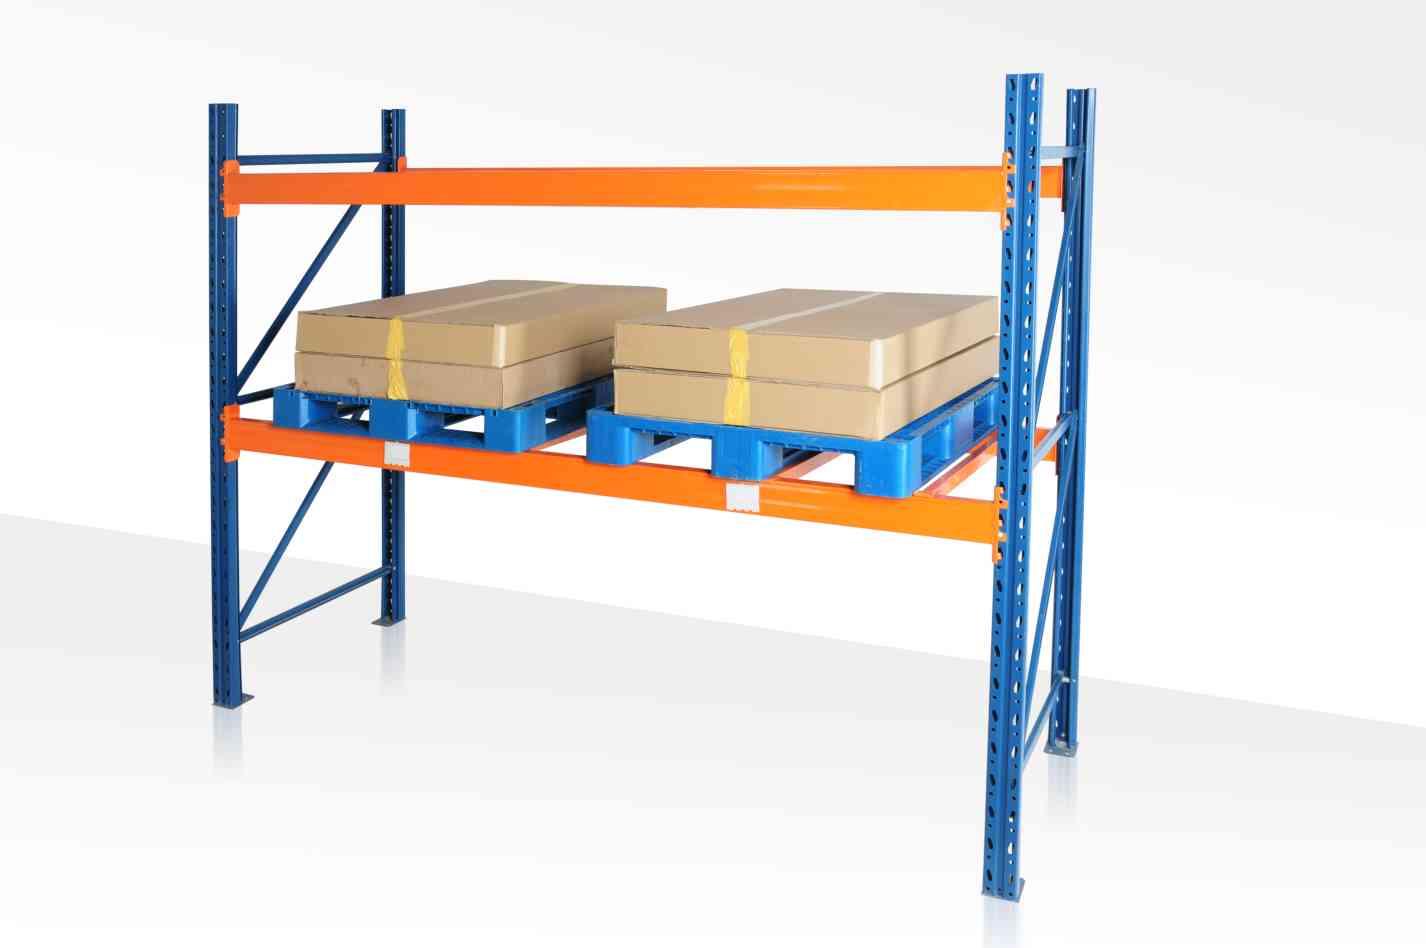 重型仓储货架品牌有哪些?五大优质品牌推荐